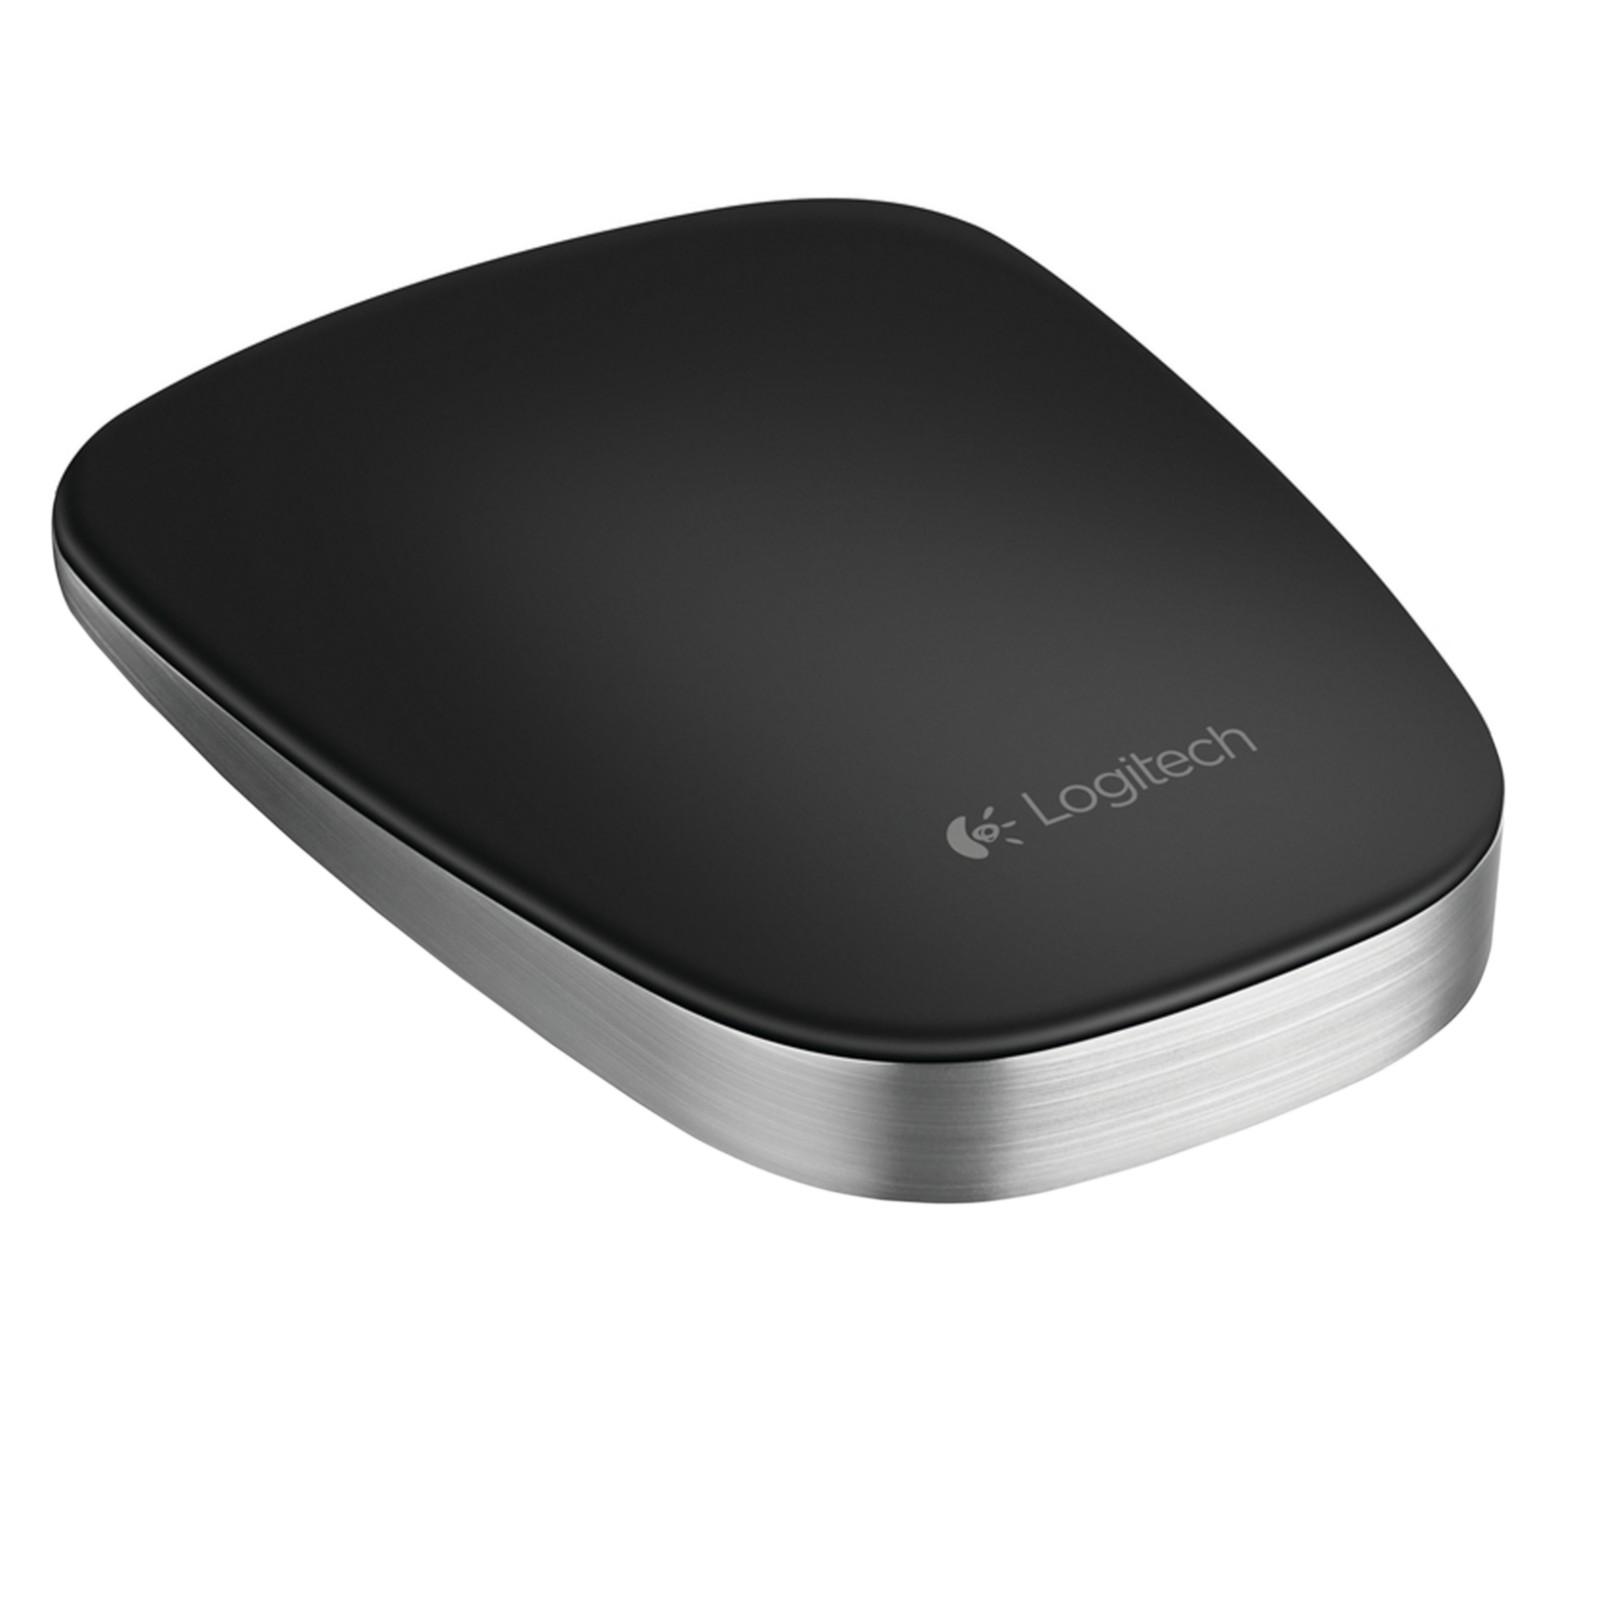 Logitech T630 Wireless Ultrathin Touch Mouse